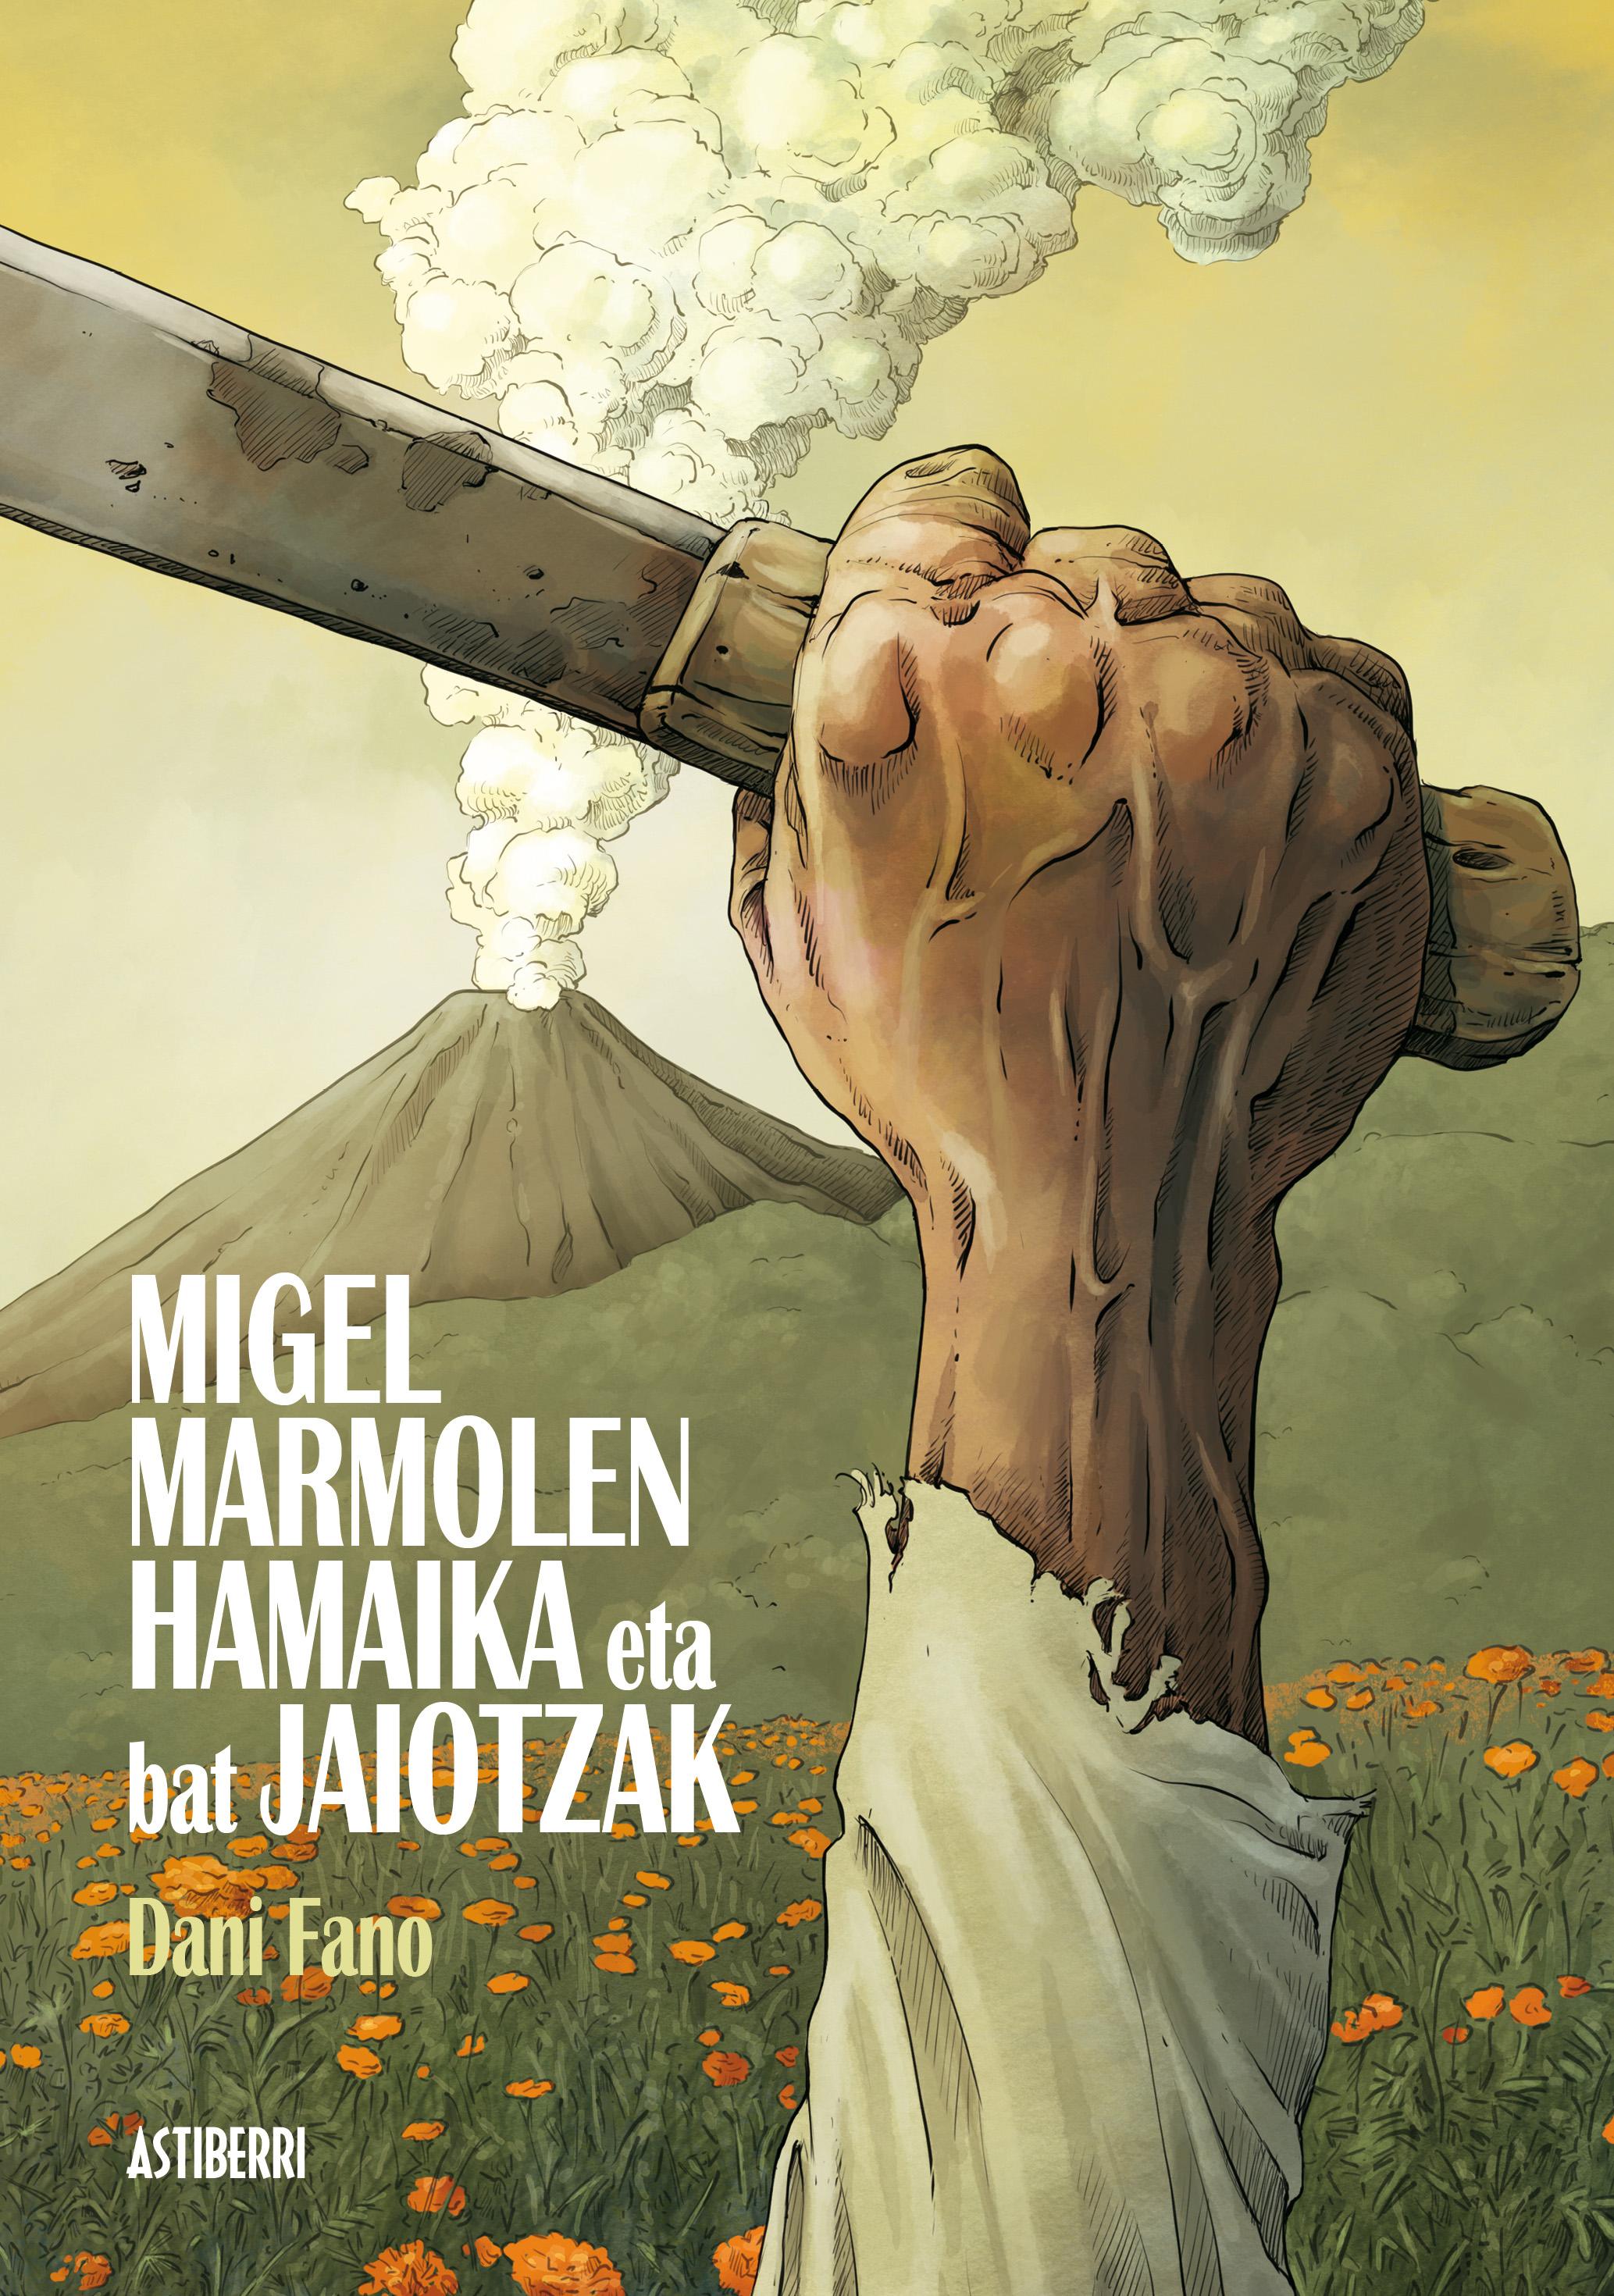 MIGEL MARMOLEN HAMAIKA ETA BAT JAIOTZAK